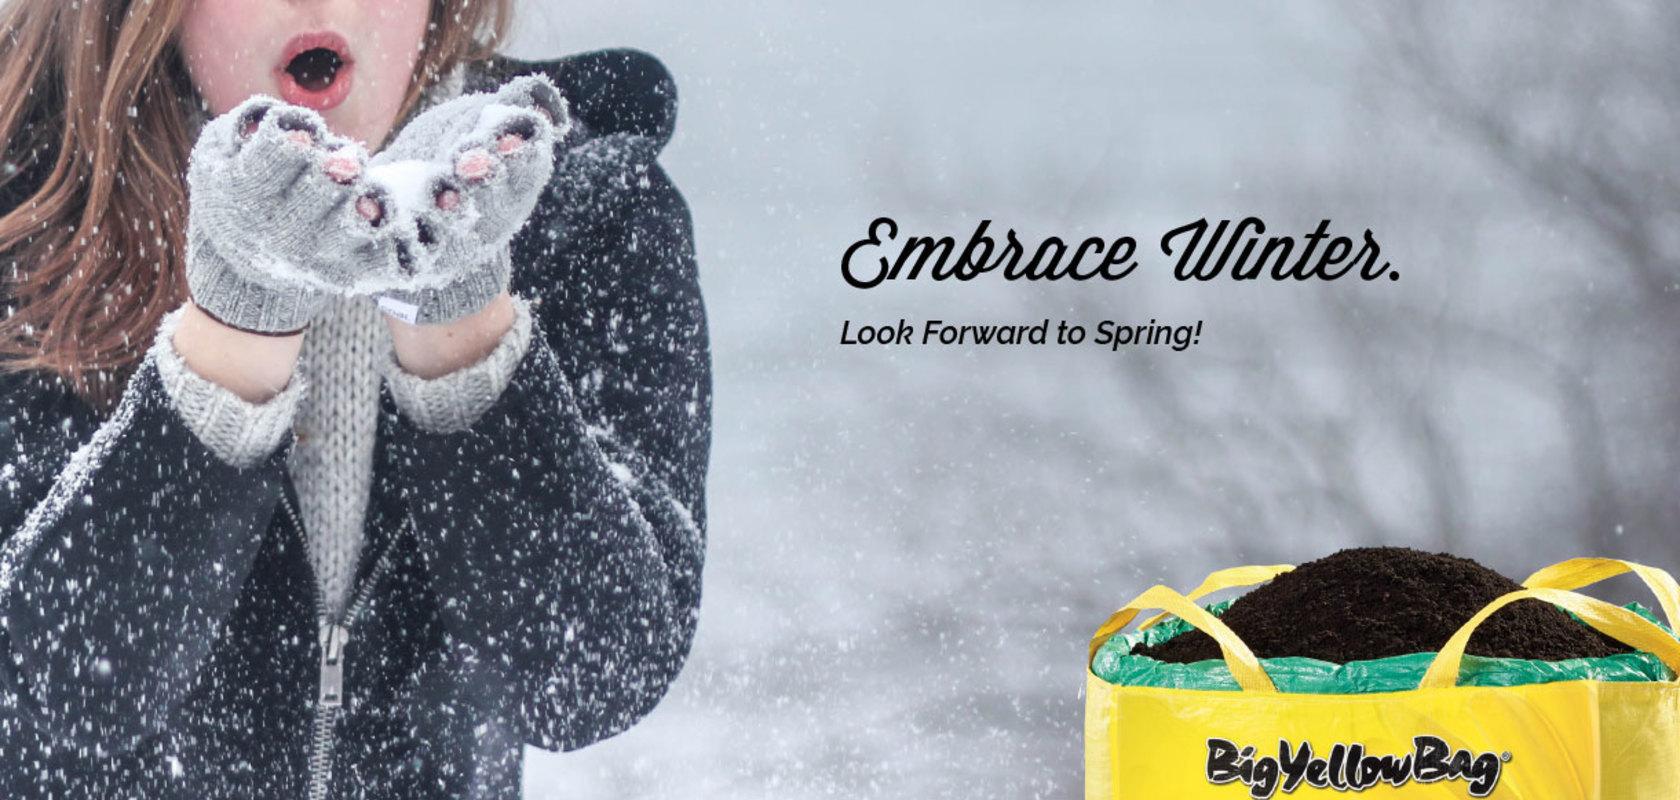 Byb winter homepg banner1